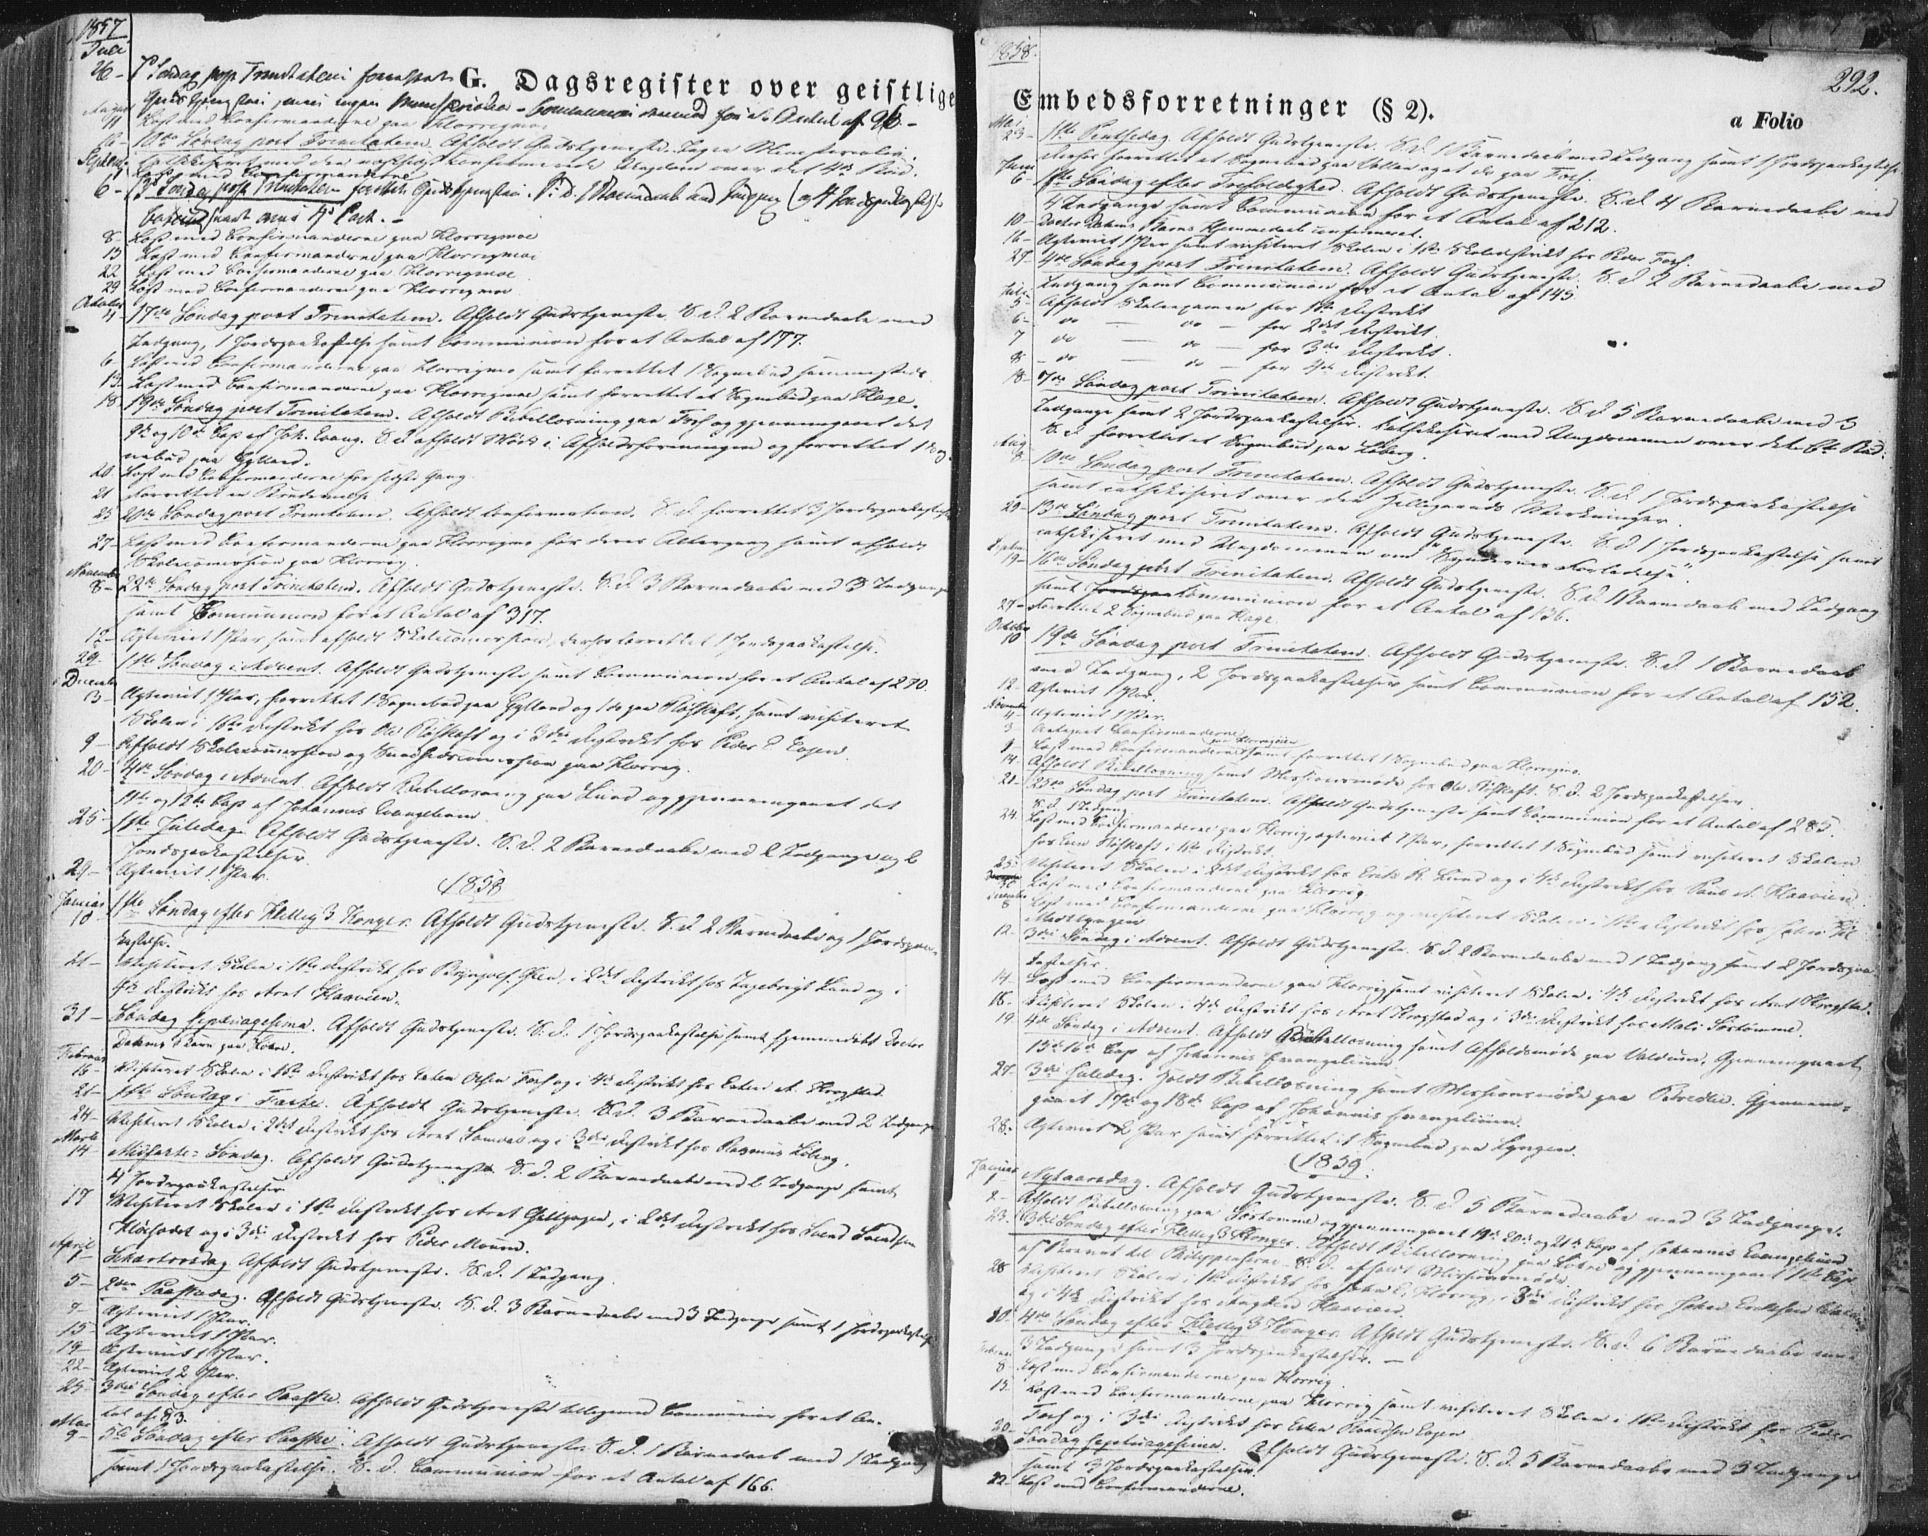 SAT, Ministerialprotokoller, klokkerbøker og fødselsregistre - Sør-Trøndelag, 692/L1103: Ministerialbok nr. 692A03, 1849-1870, s. 292